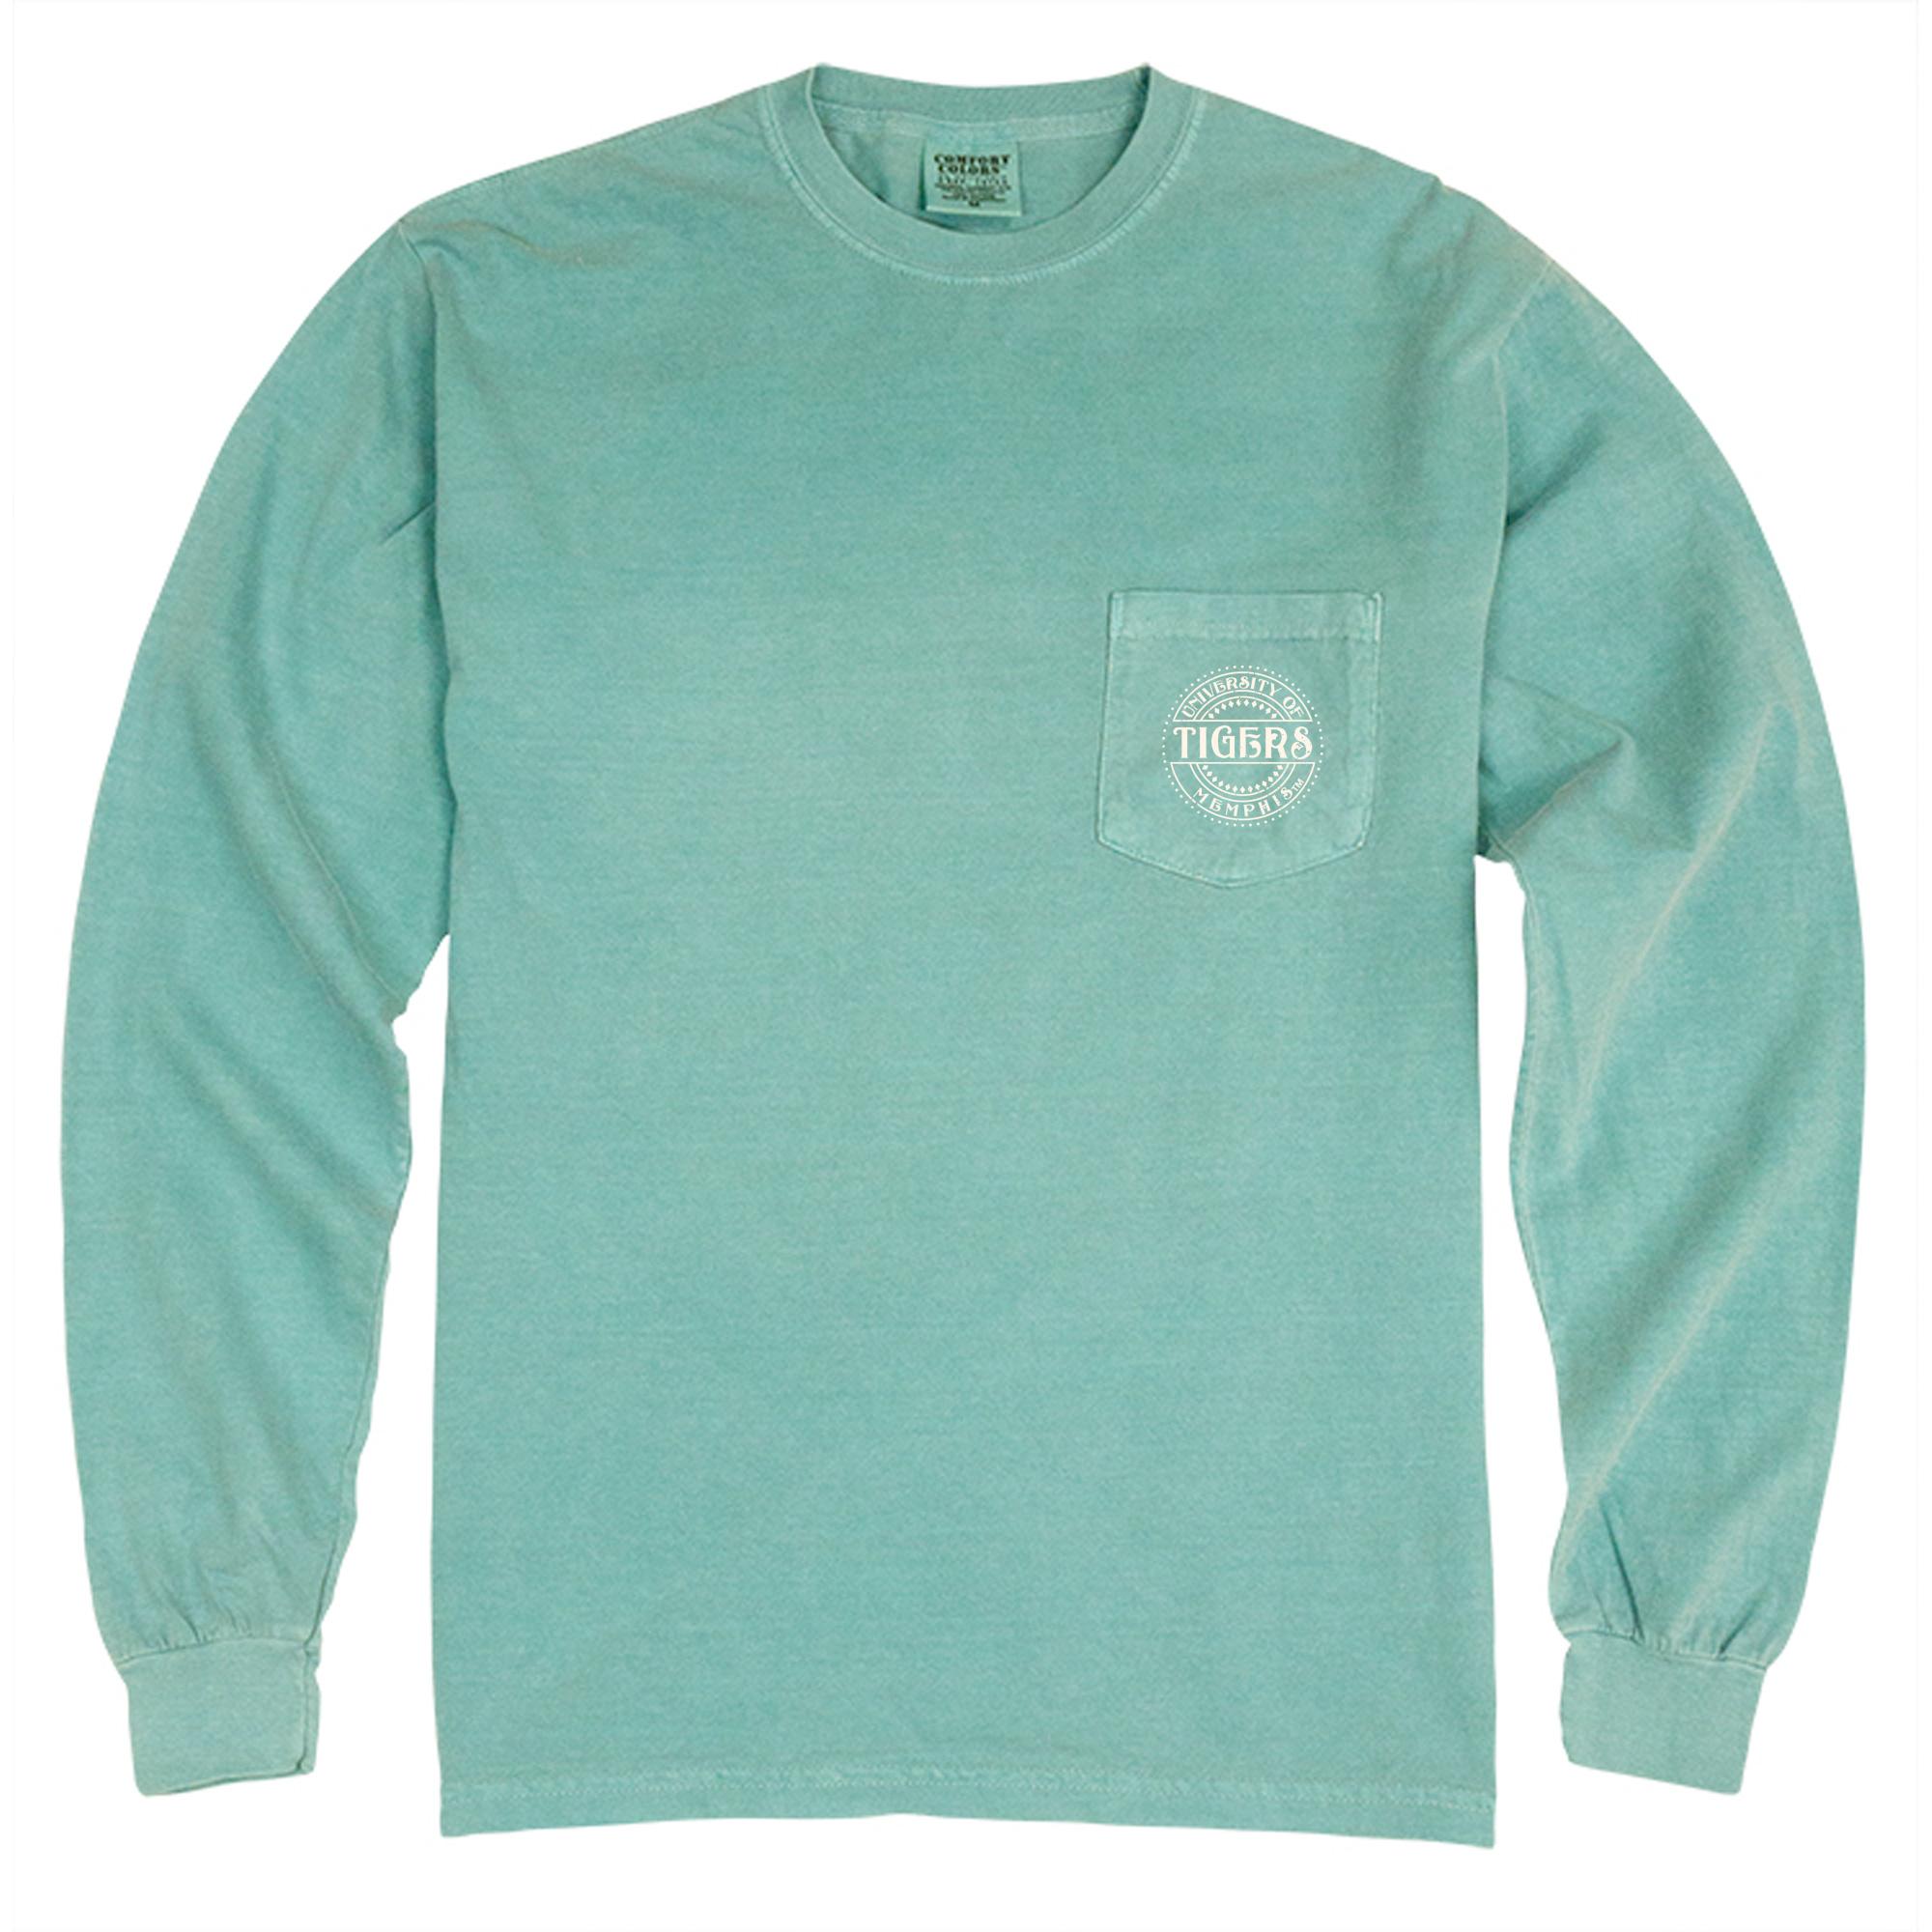 University of Memphis Long Sleeve Tee Shirt